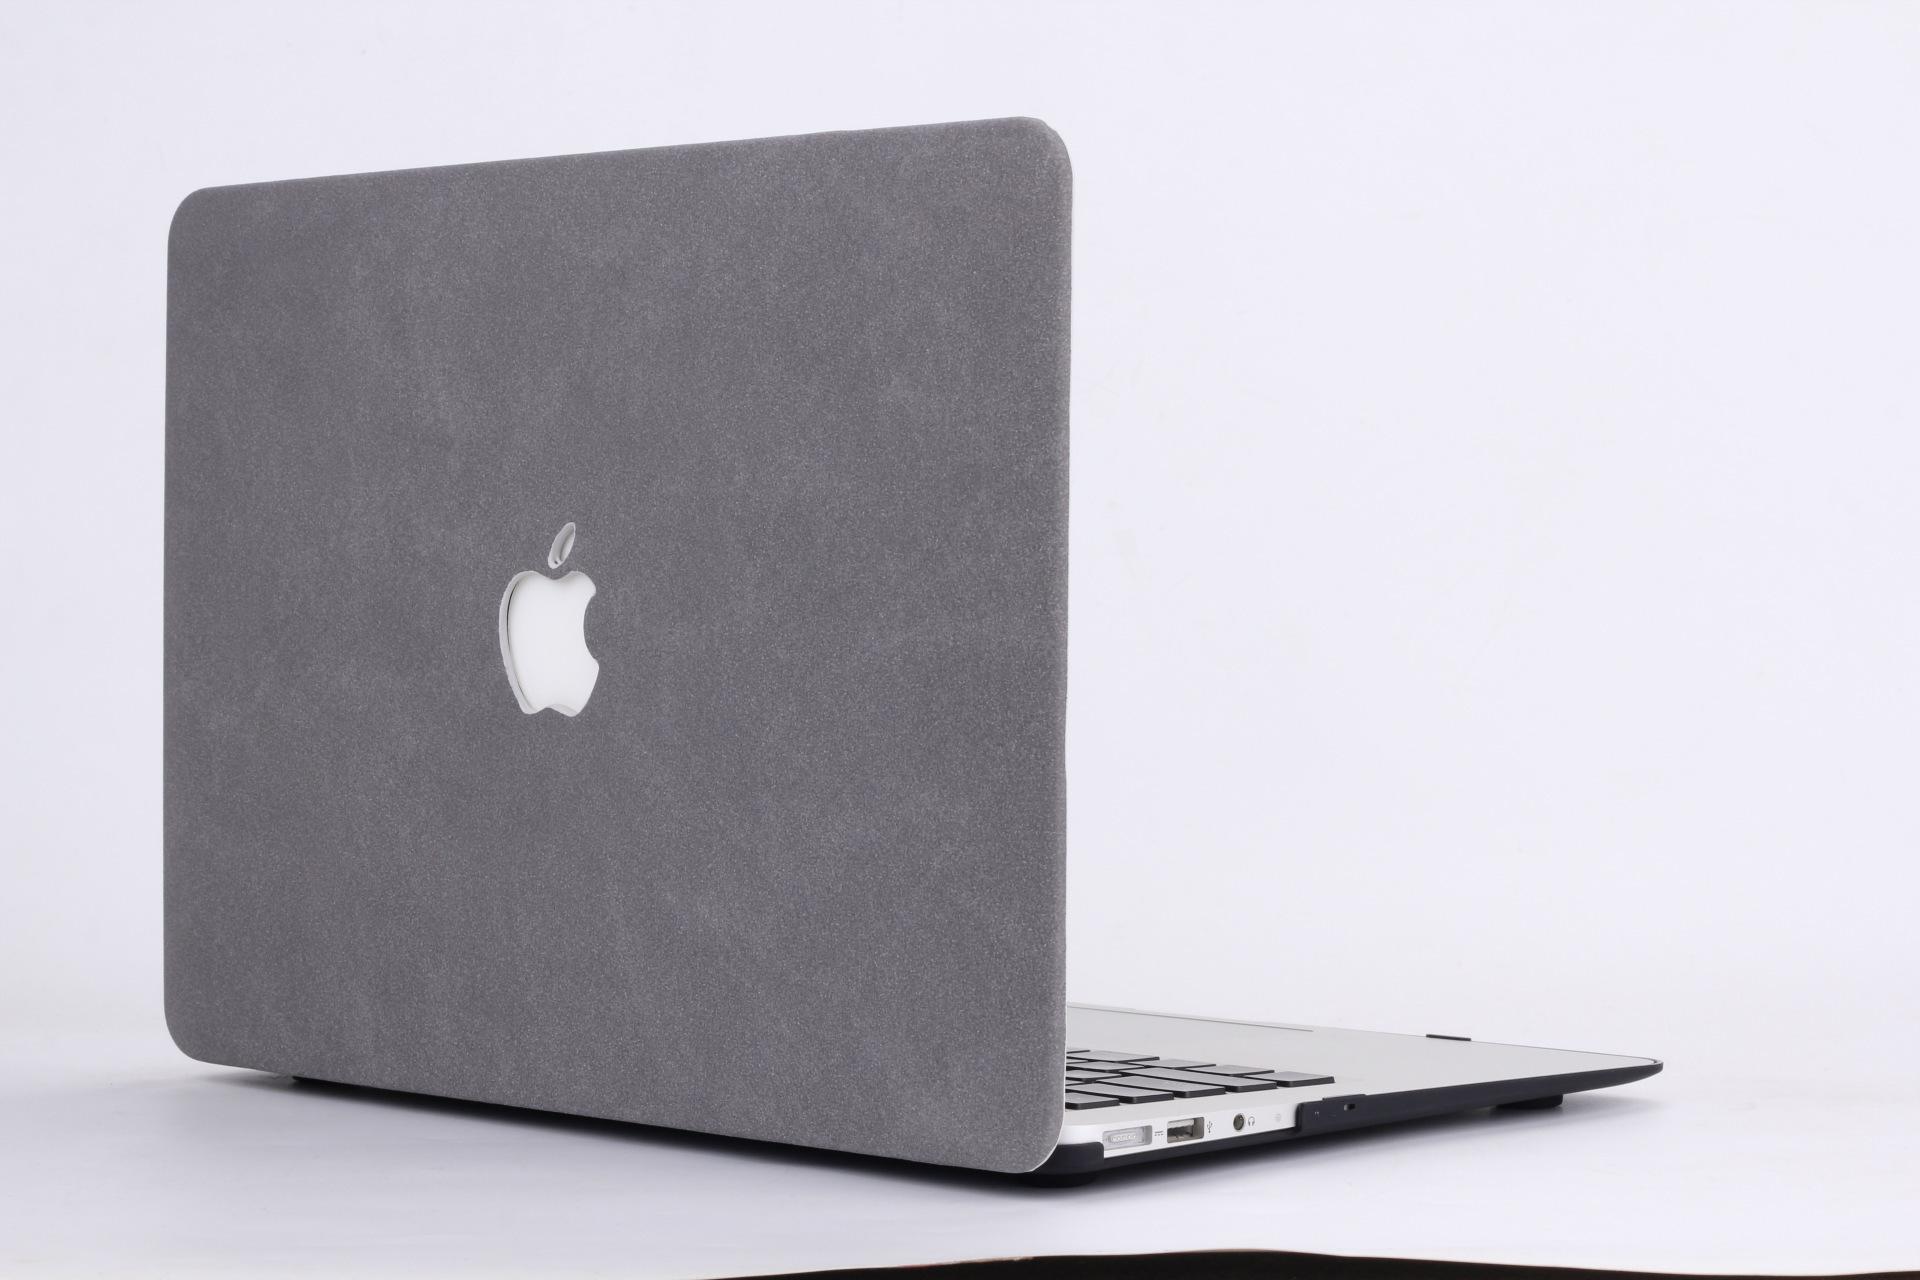 爆款 苹果笔记本Macbook保护壳 Air/Pro11 13 15寸羊羓 亚麻皮壳